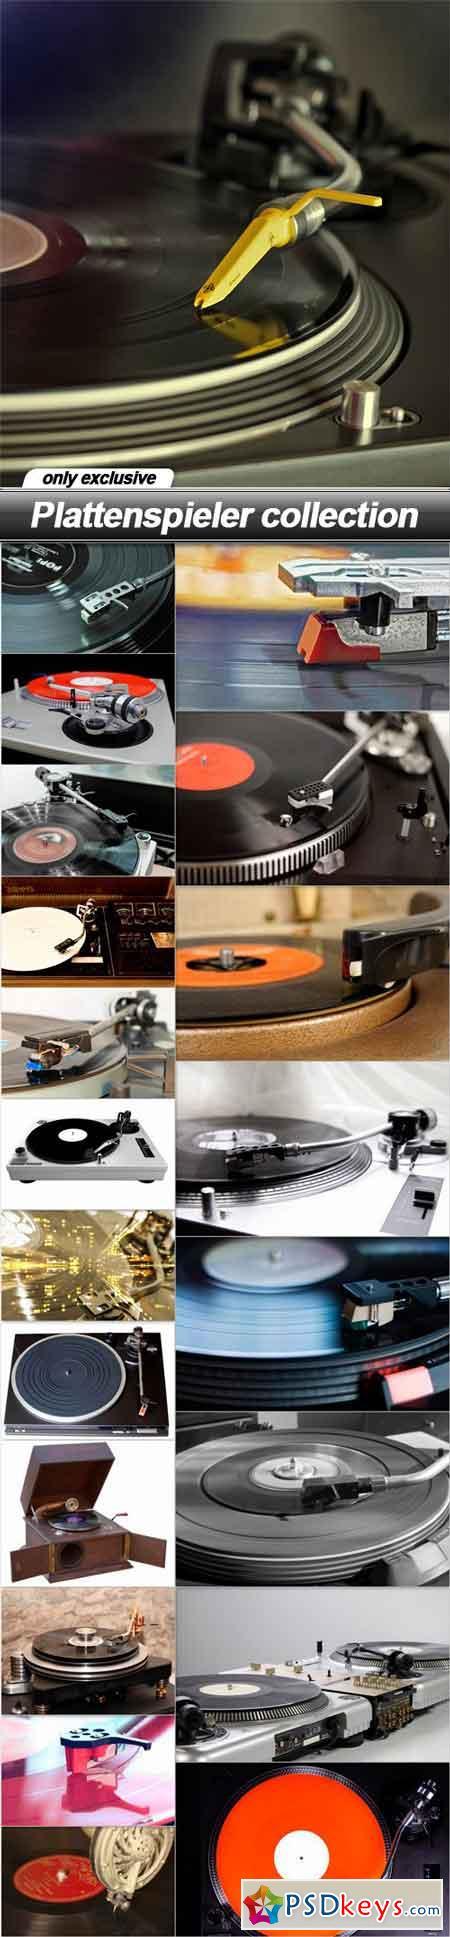 Plattenspieler collection - 21 UHQ JPEG